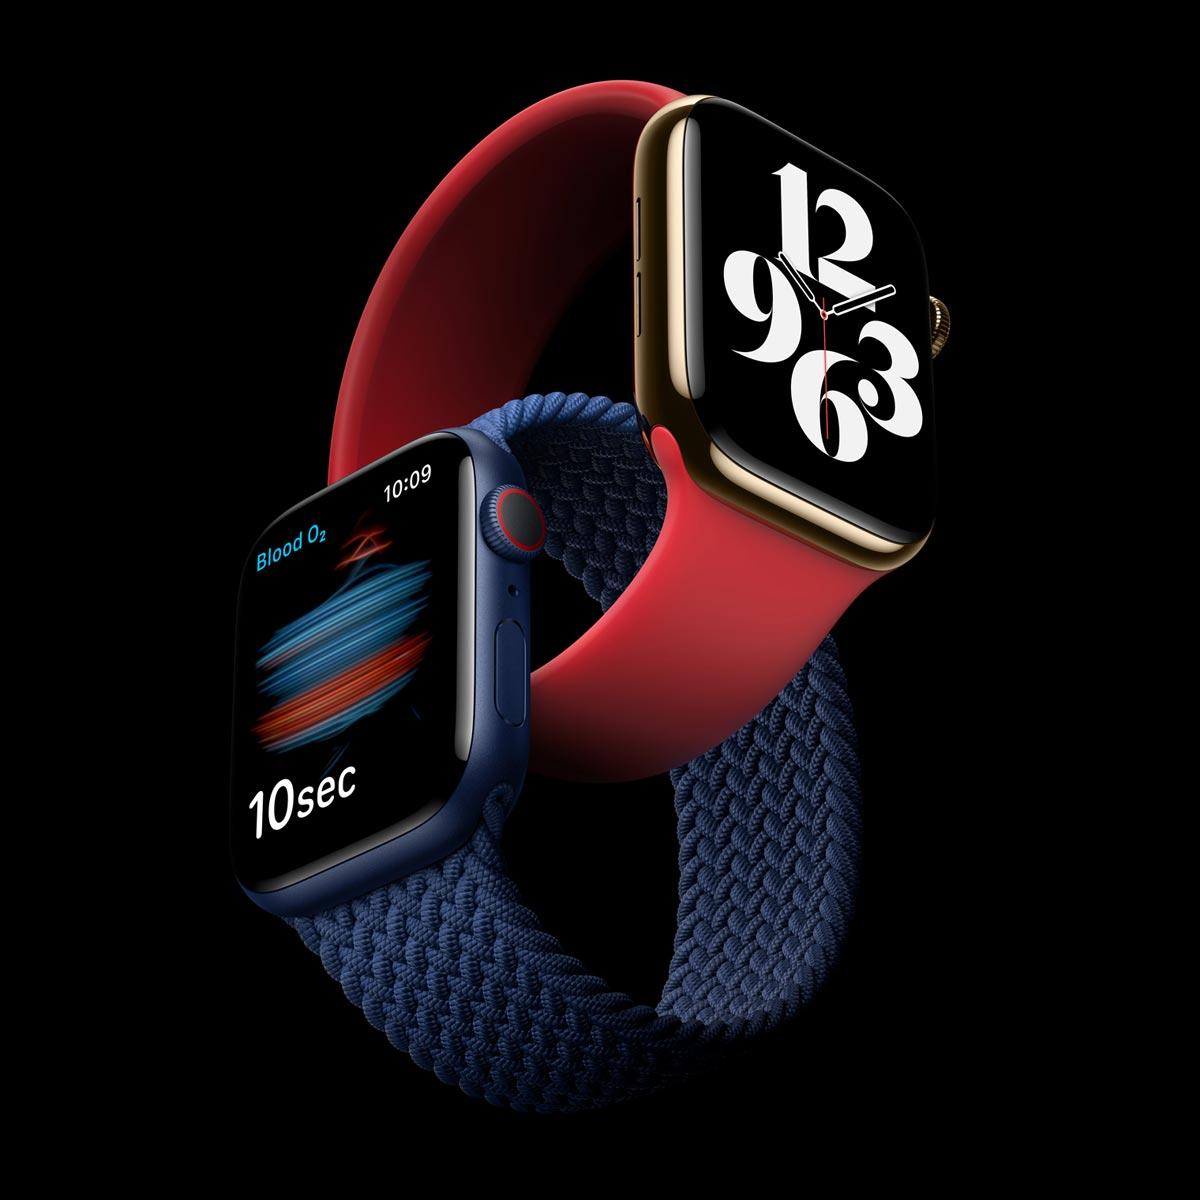 アップル、血中酸素濃度を測定できる「Apple Watch Series 6」と税別29,800円の「SE」